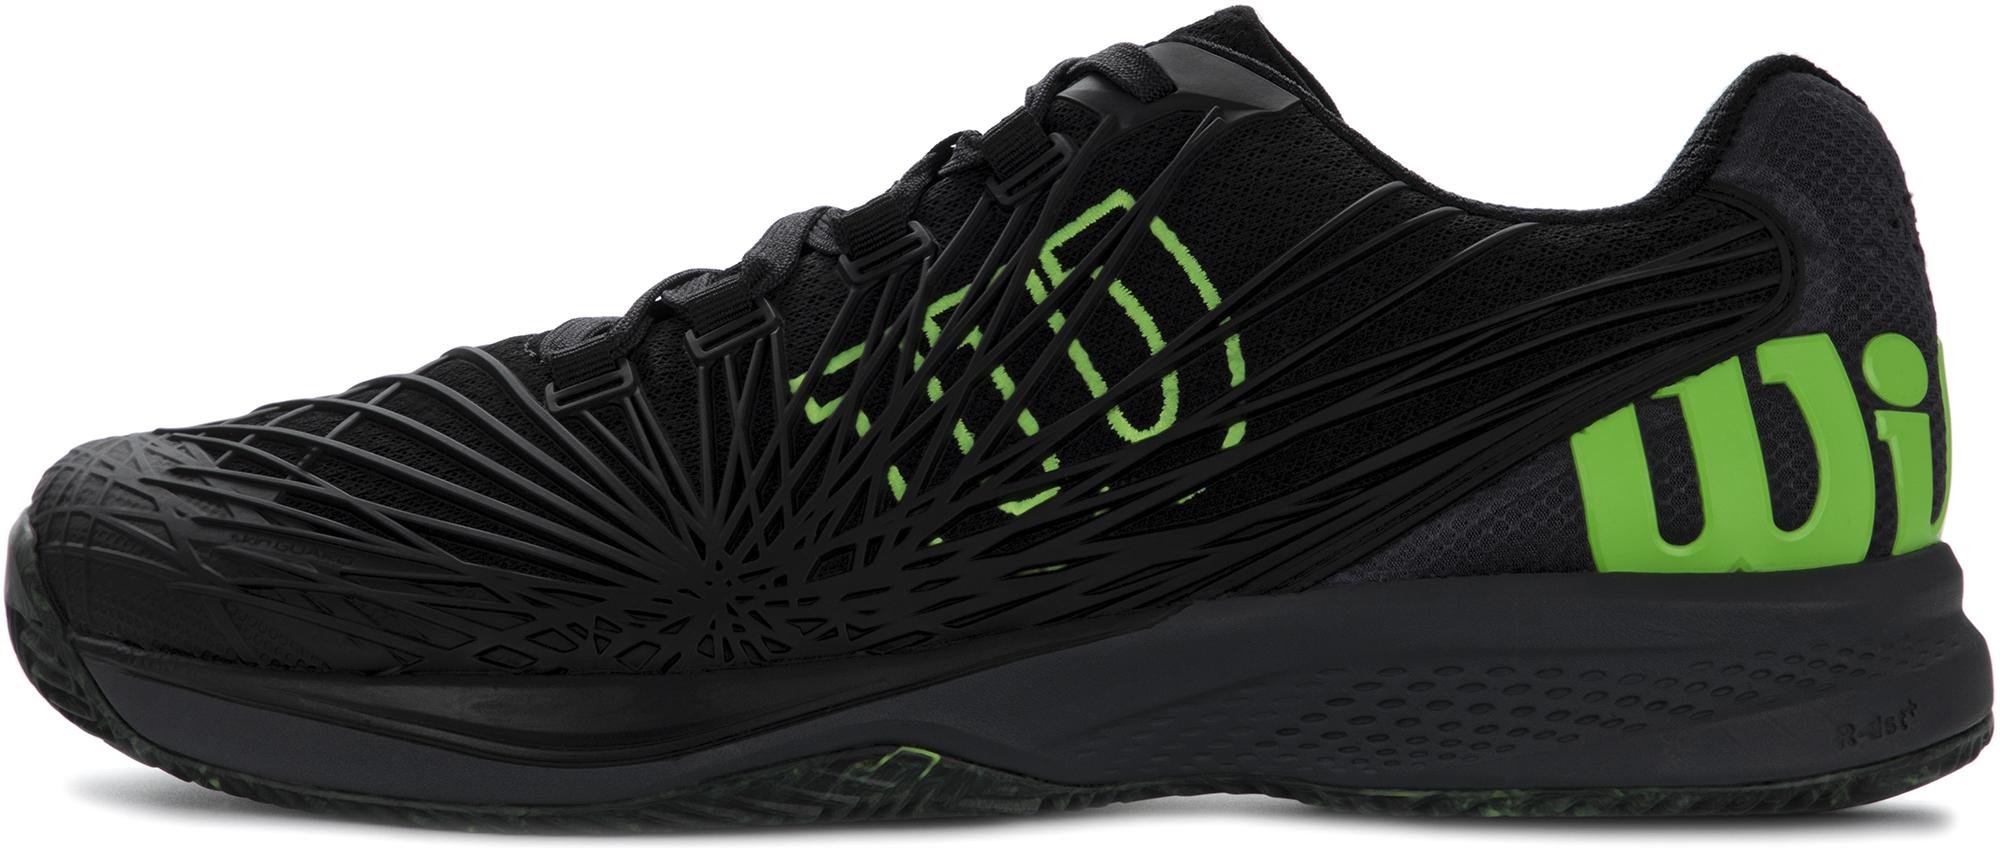 Wilson Кроссовки мужские Wilson Kaos 2.0 Clay Court, размер 46,5 кроссовки мужские adidas all court цвет белый bb9926 размер 7 39